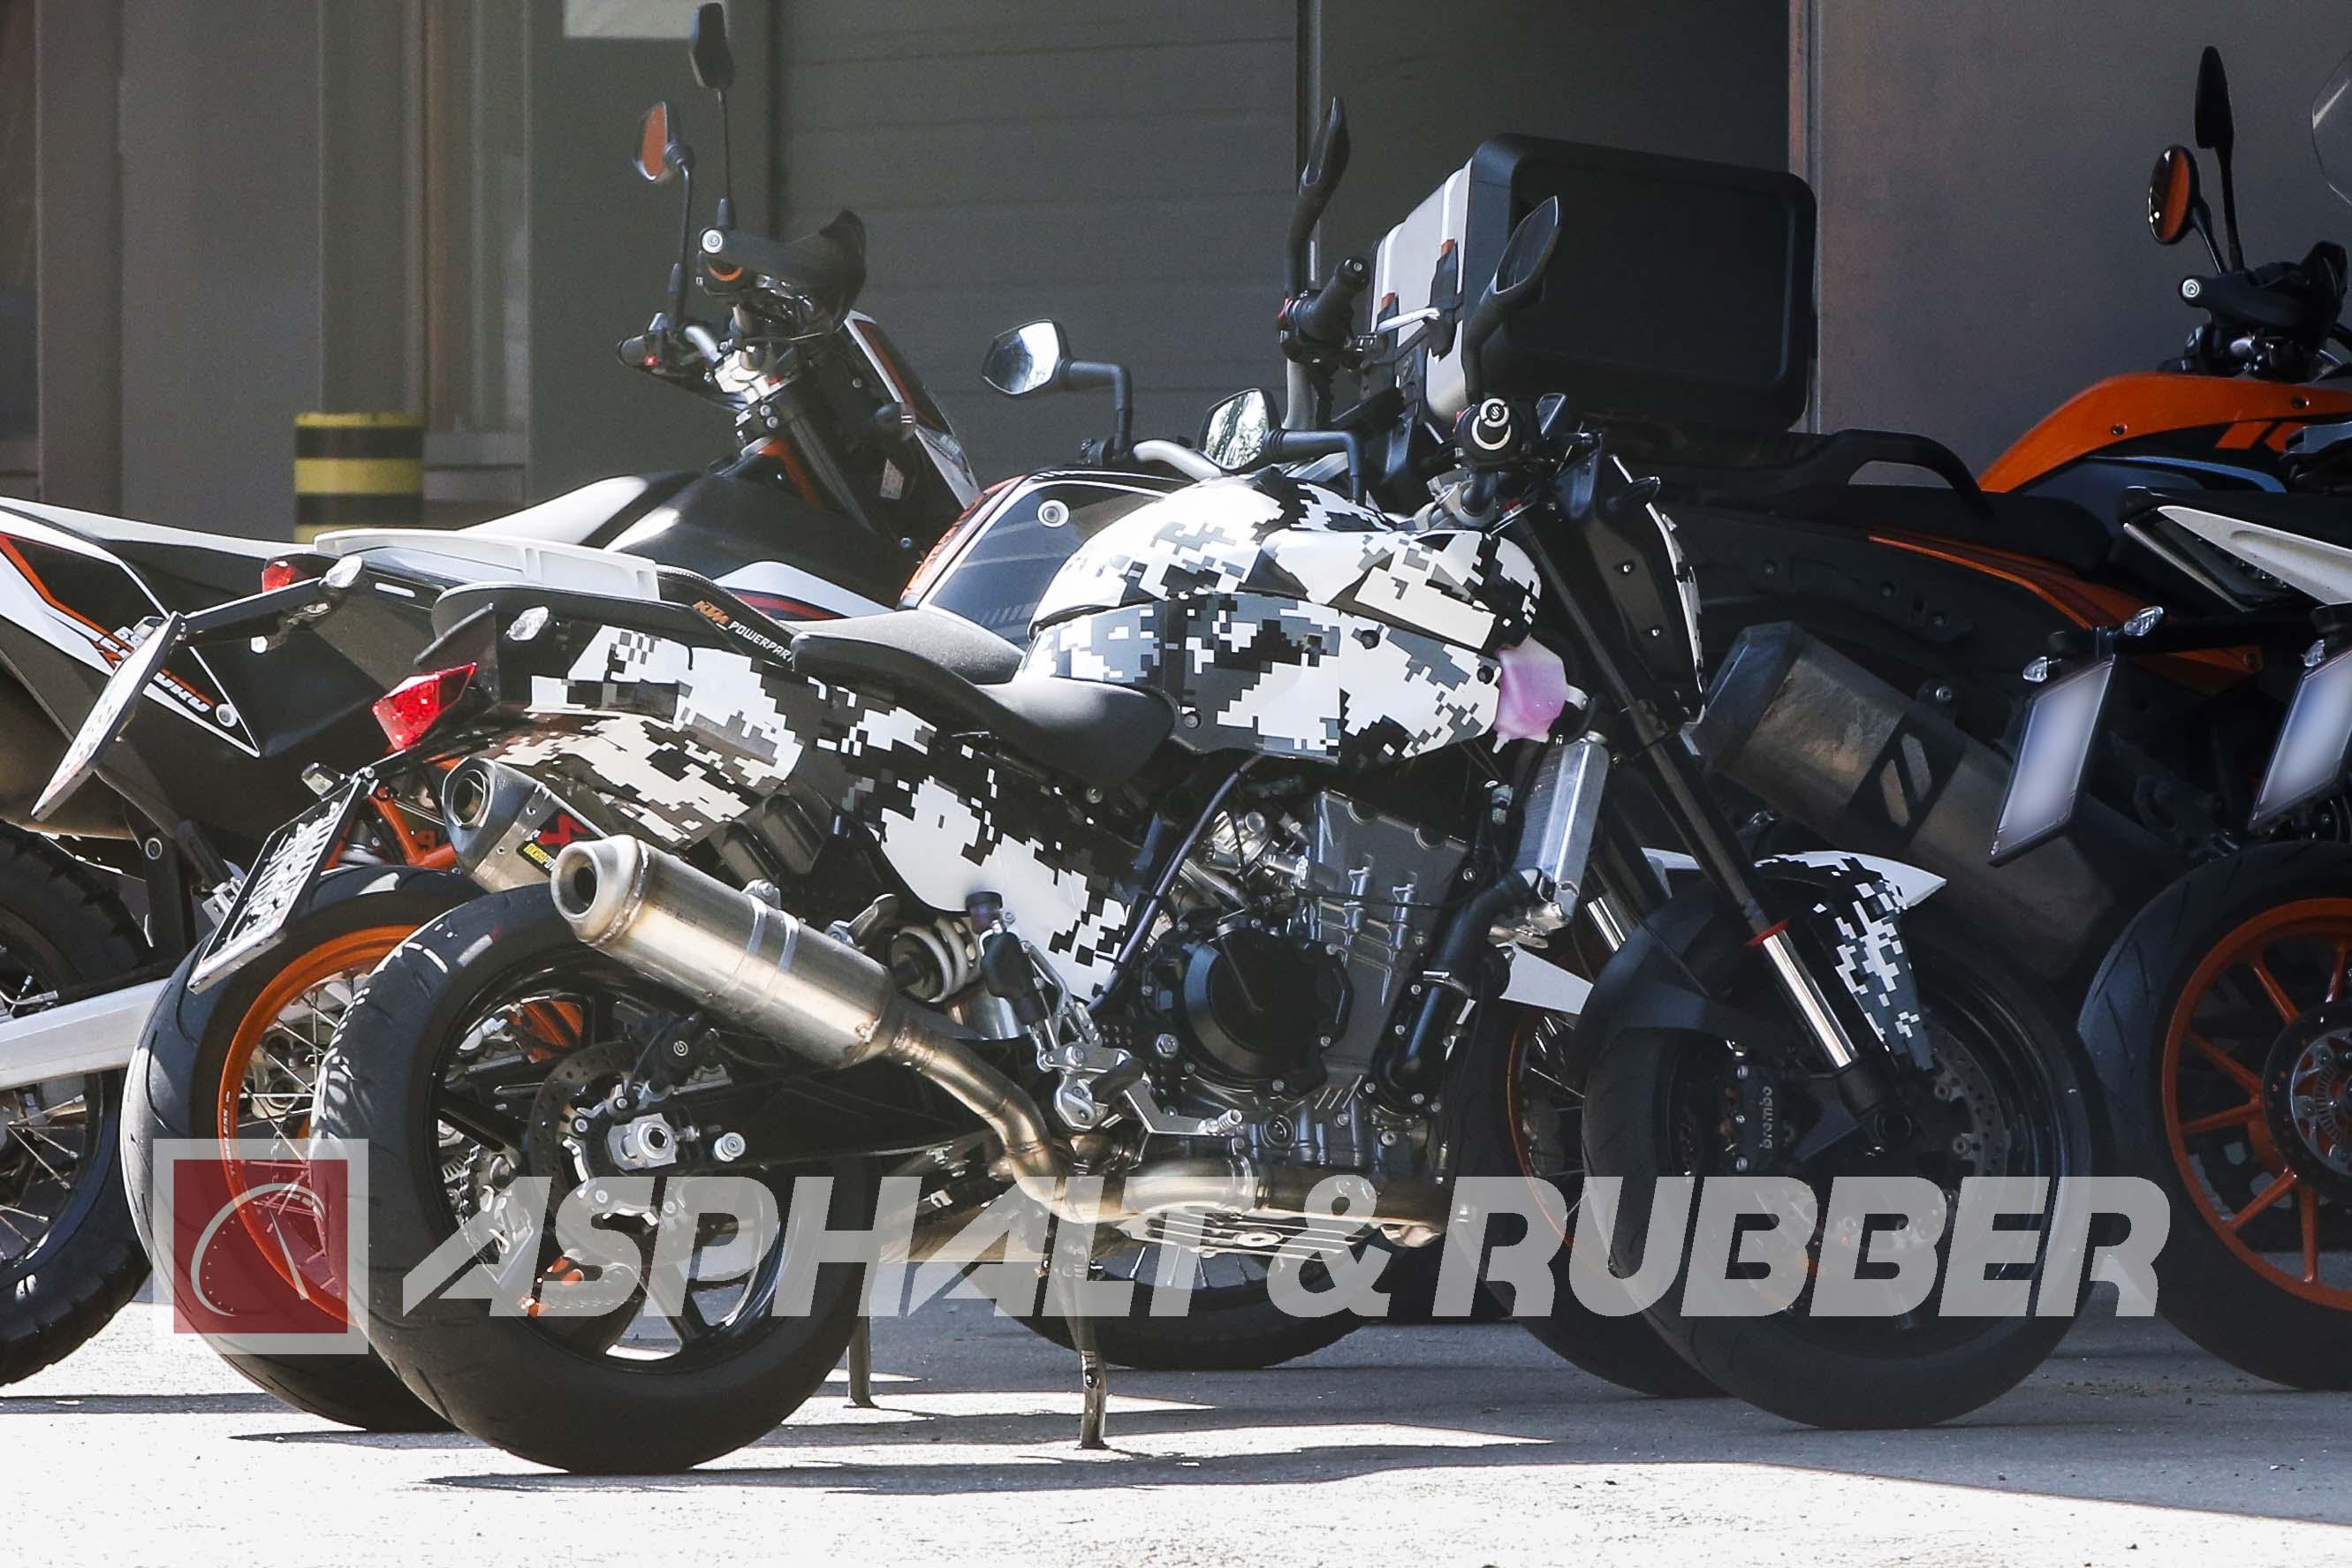 http://i1.wp.com/www.asphaltandrubber.com/wp-content/uploads/2015/08/KTM-800-Duke-spy-photos-01.jpg